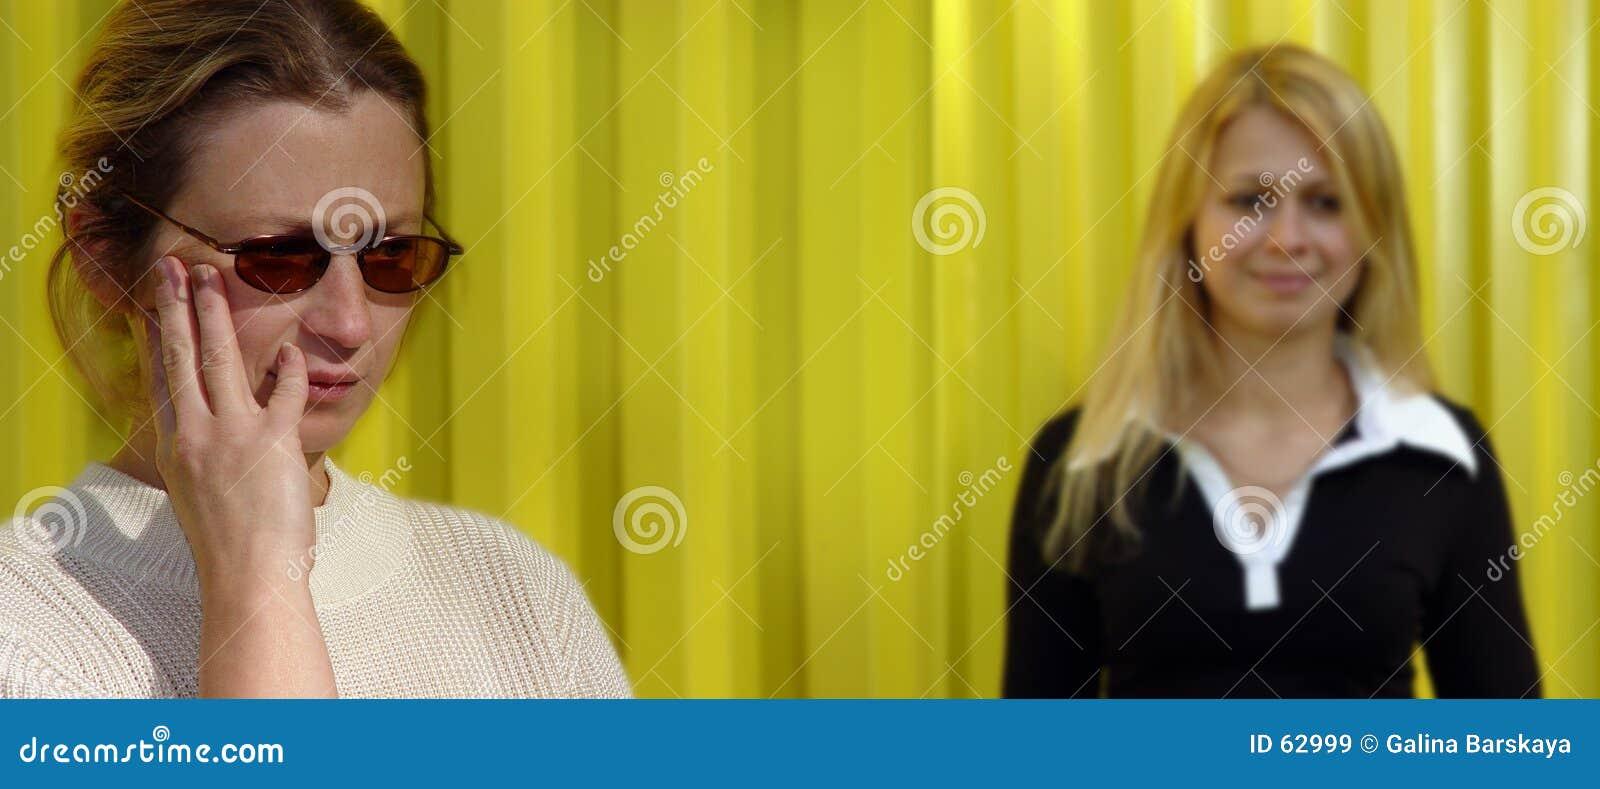 Mulheres louras no amarelo